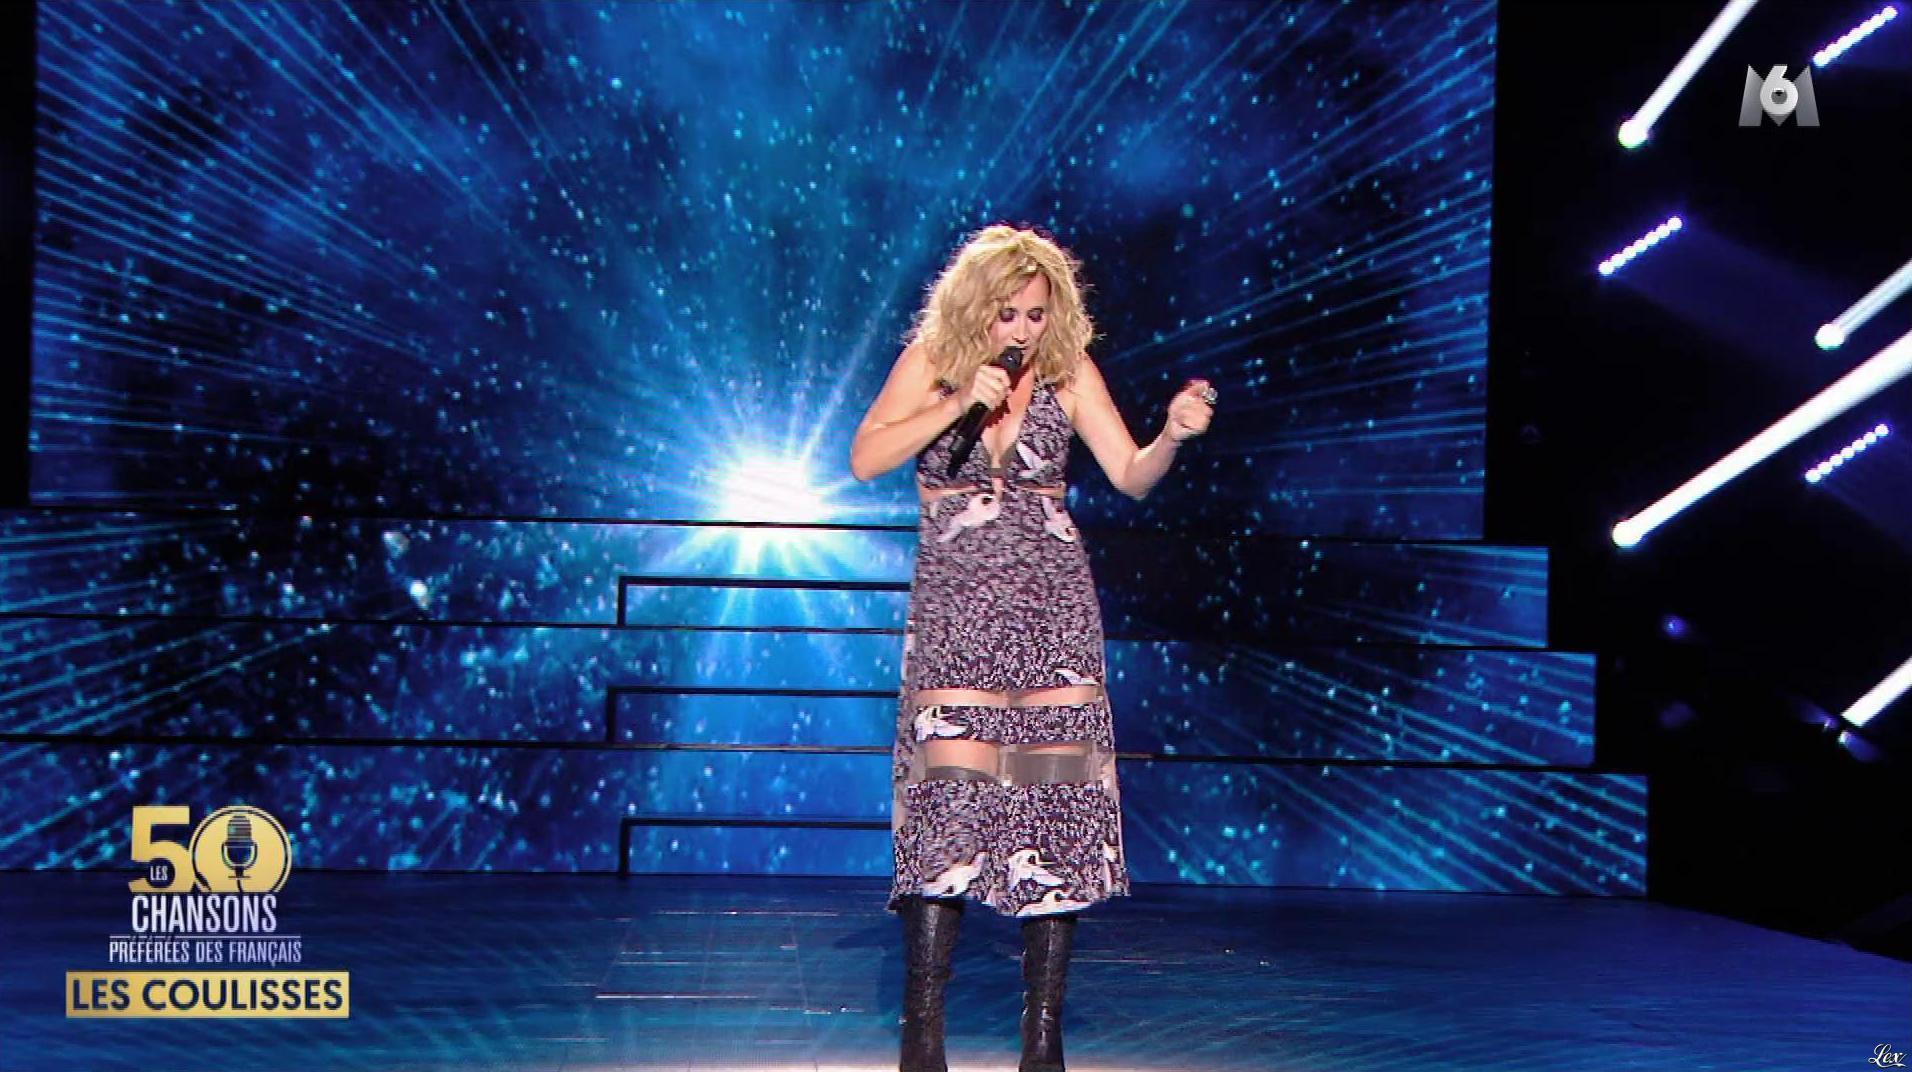 Lara Fabian dans les 50 Chansons Preferees des Francais. Diffusé à la télévision le 19/10/17.